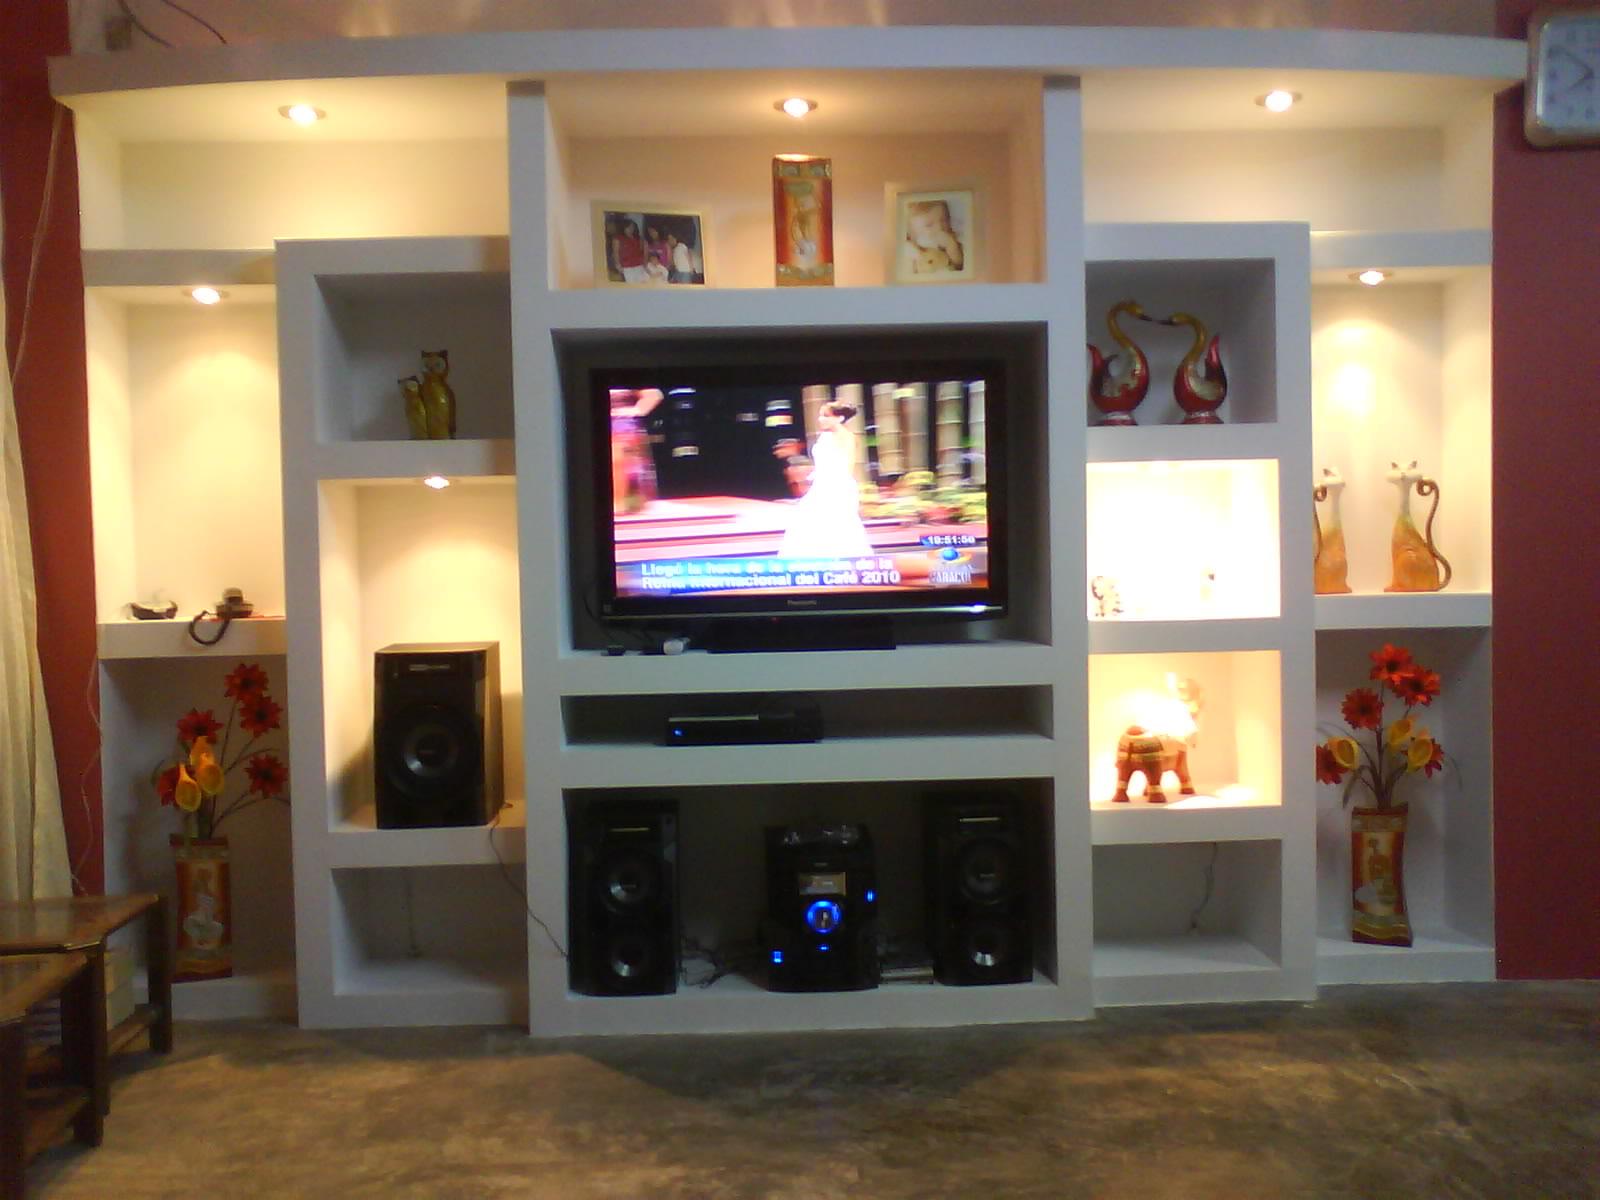 Sistema drywall muebles de television - Muebles para equipo de sonido ...